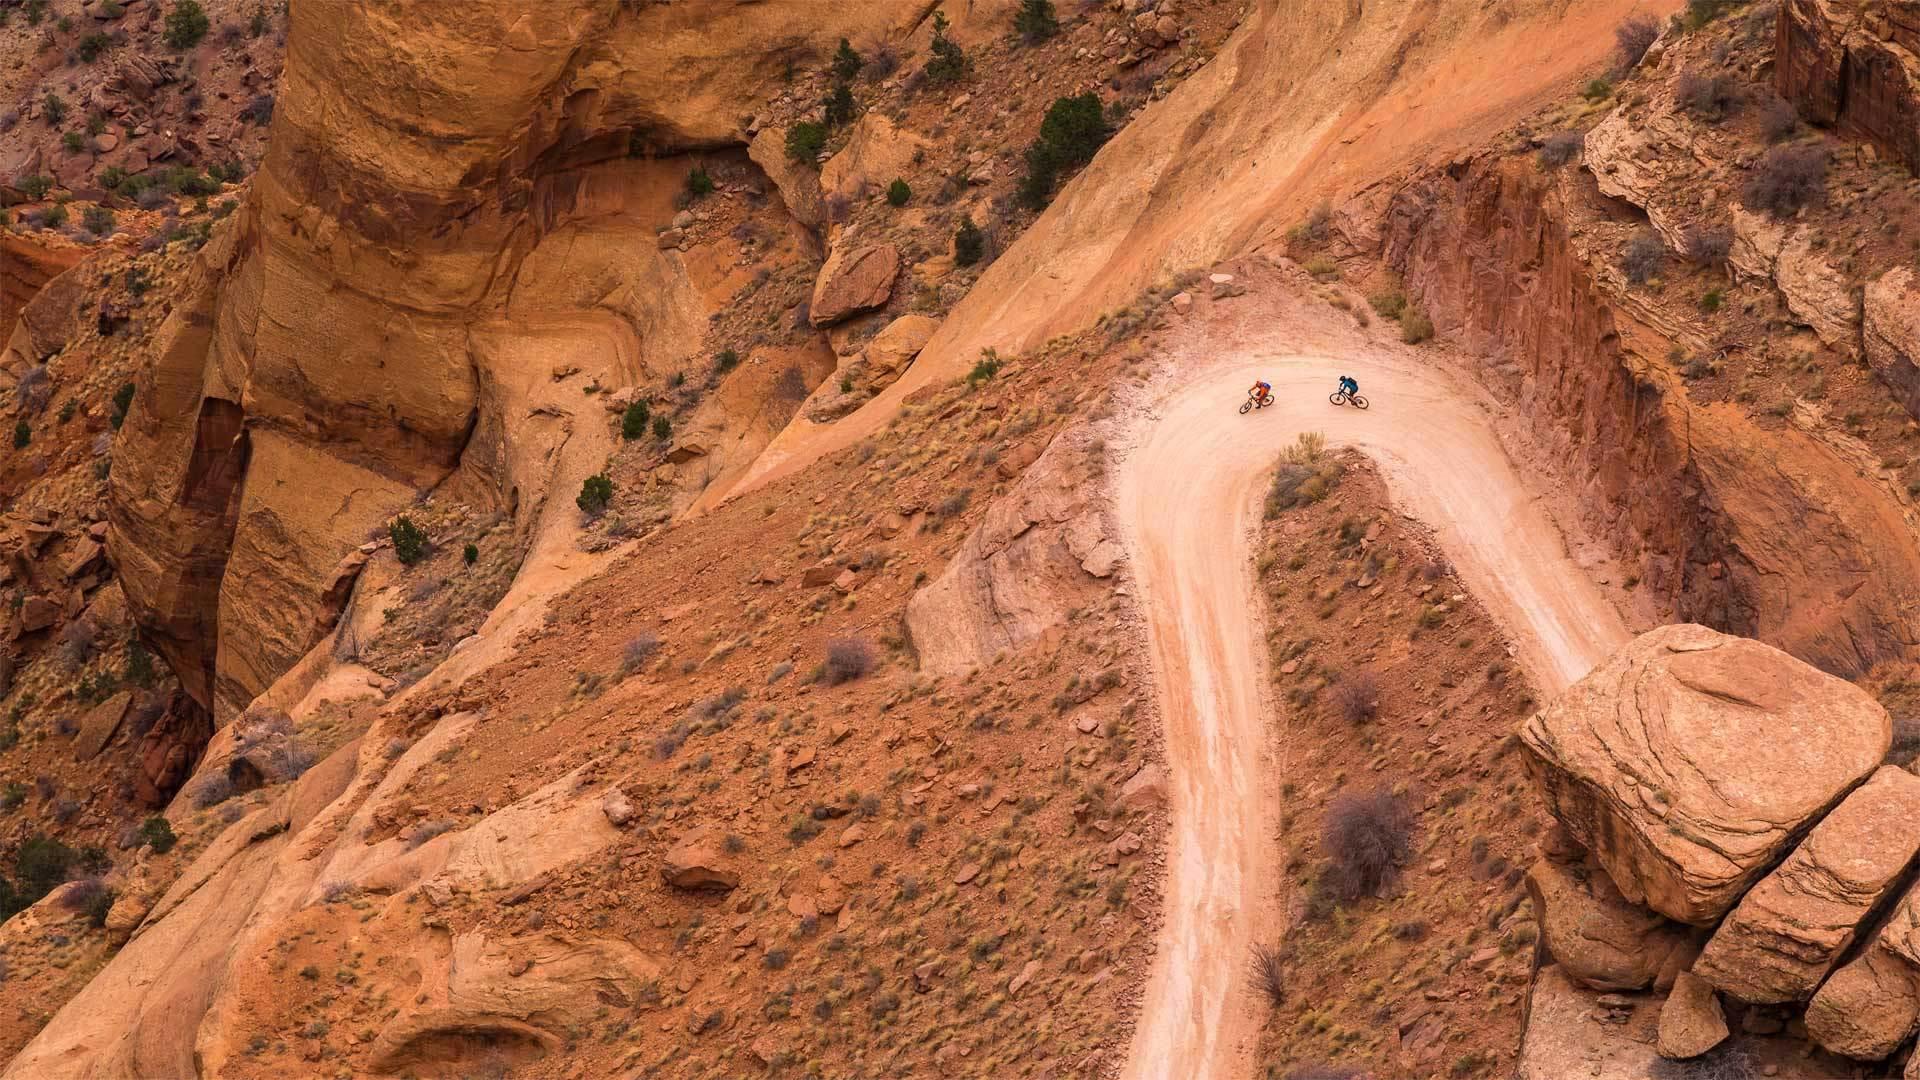 两名山地车骑手在白缘公路上沿着谢福小道的转弯处骑行峡谷地国家公园